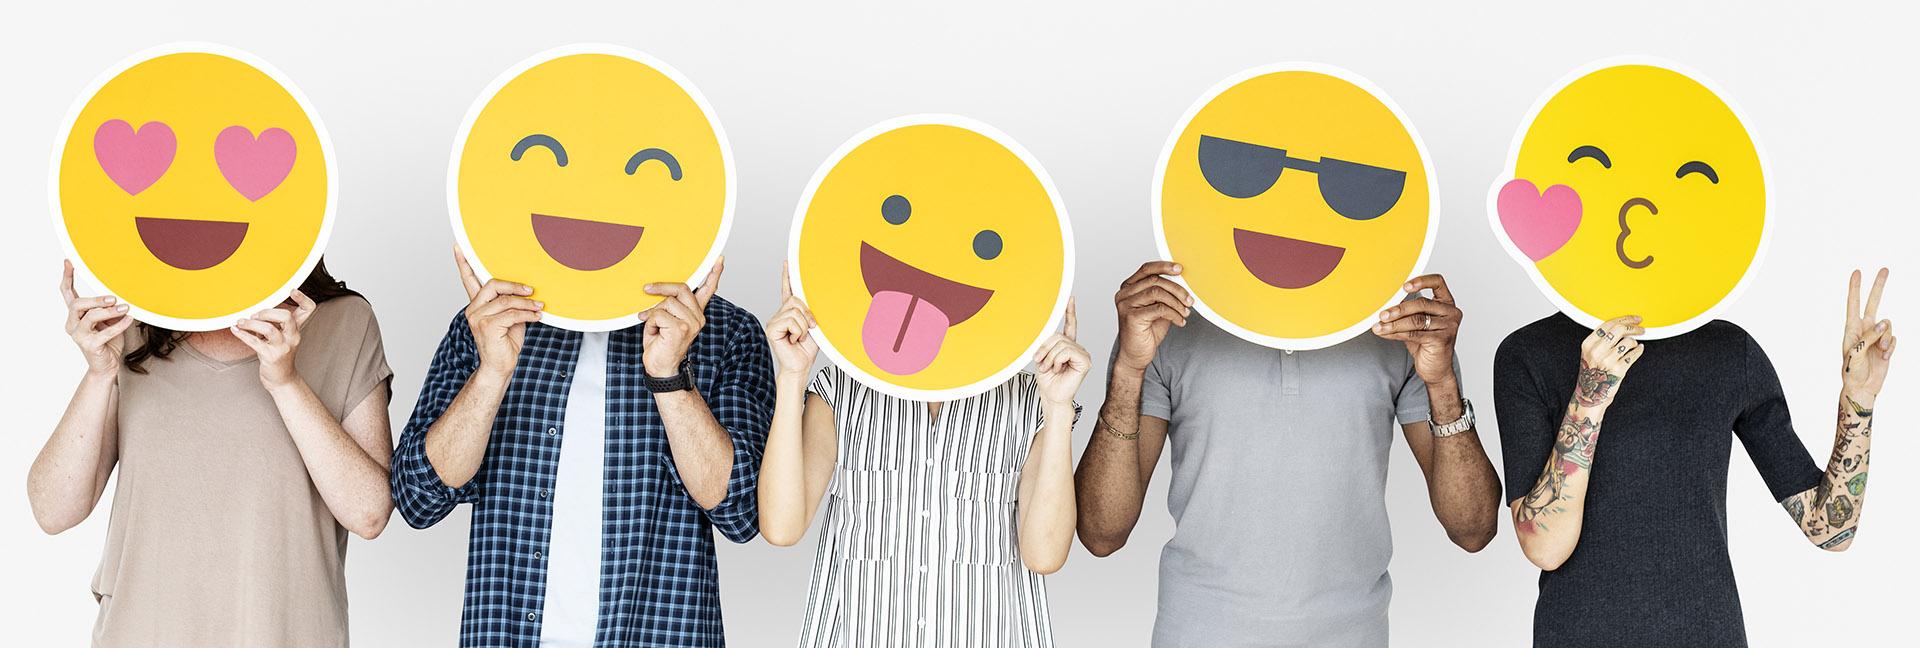 Gebruik emoji's en speciale tekens||om uw SEO te verbeteren